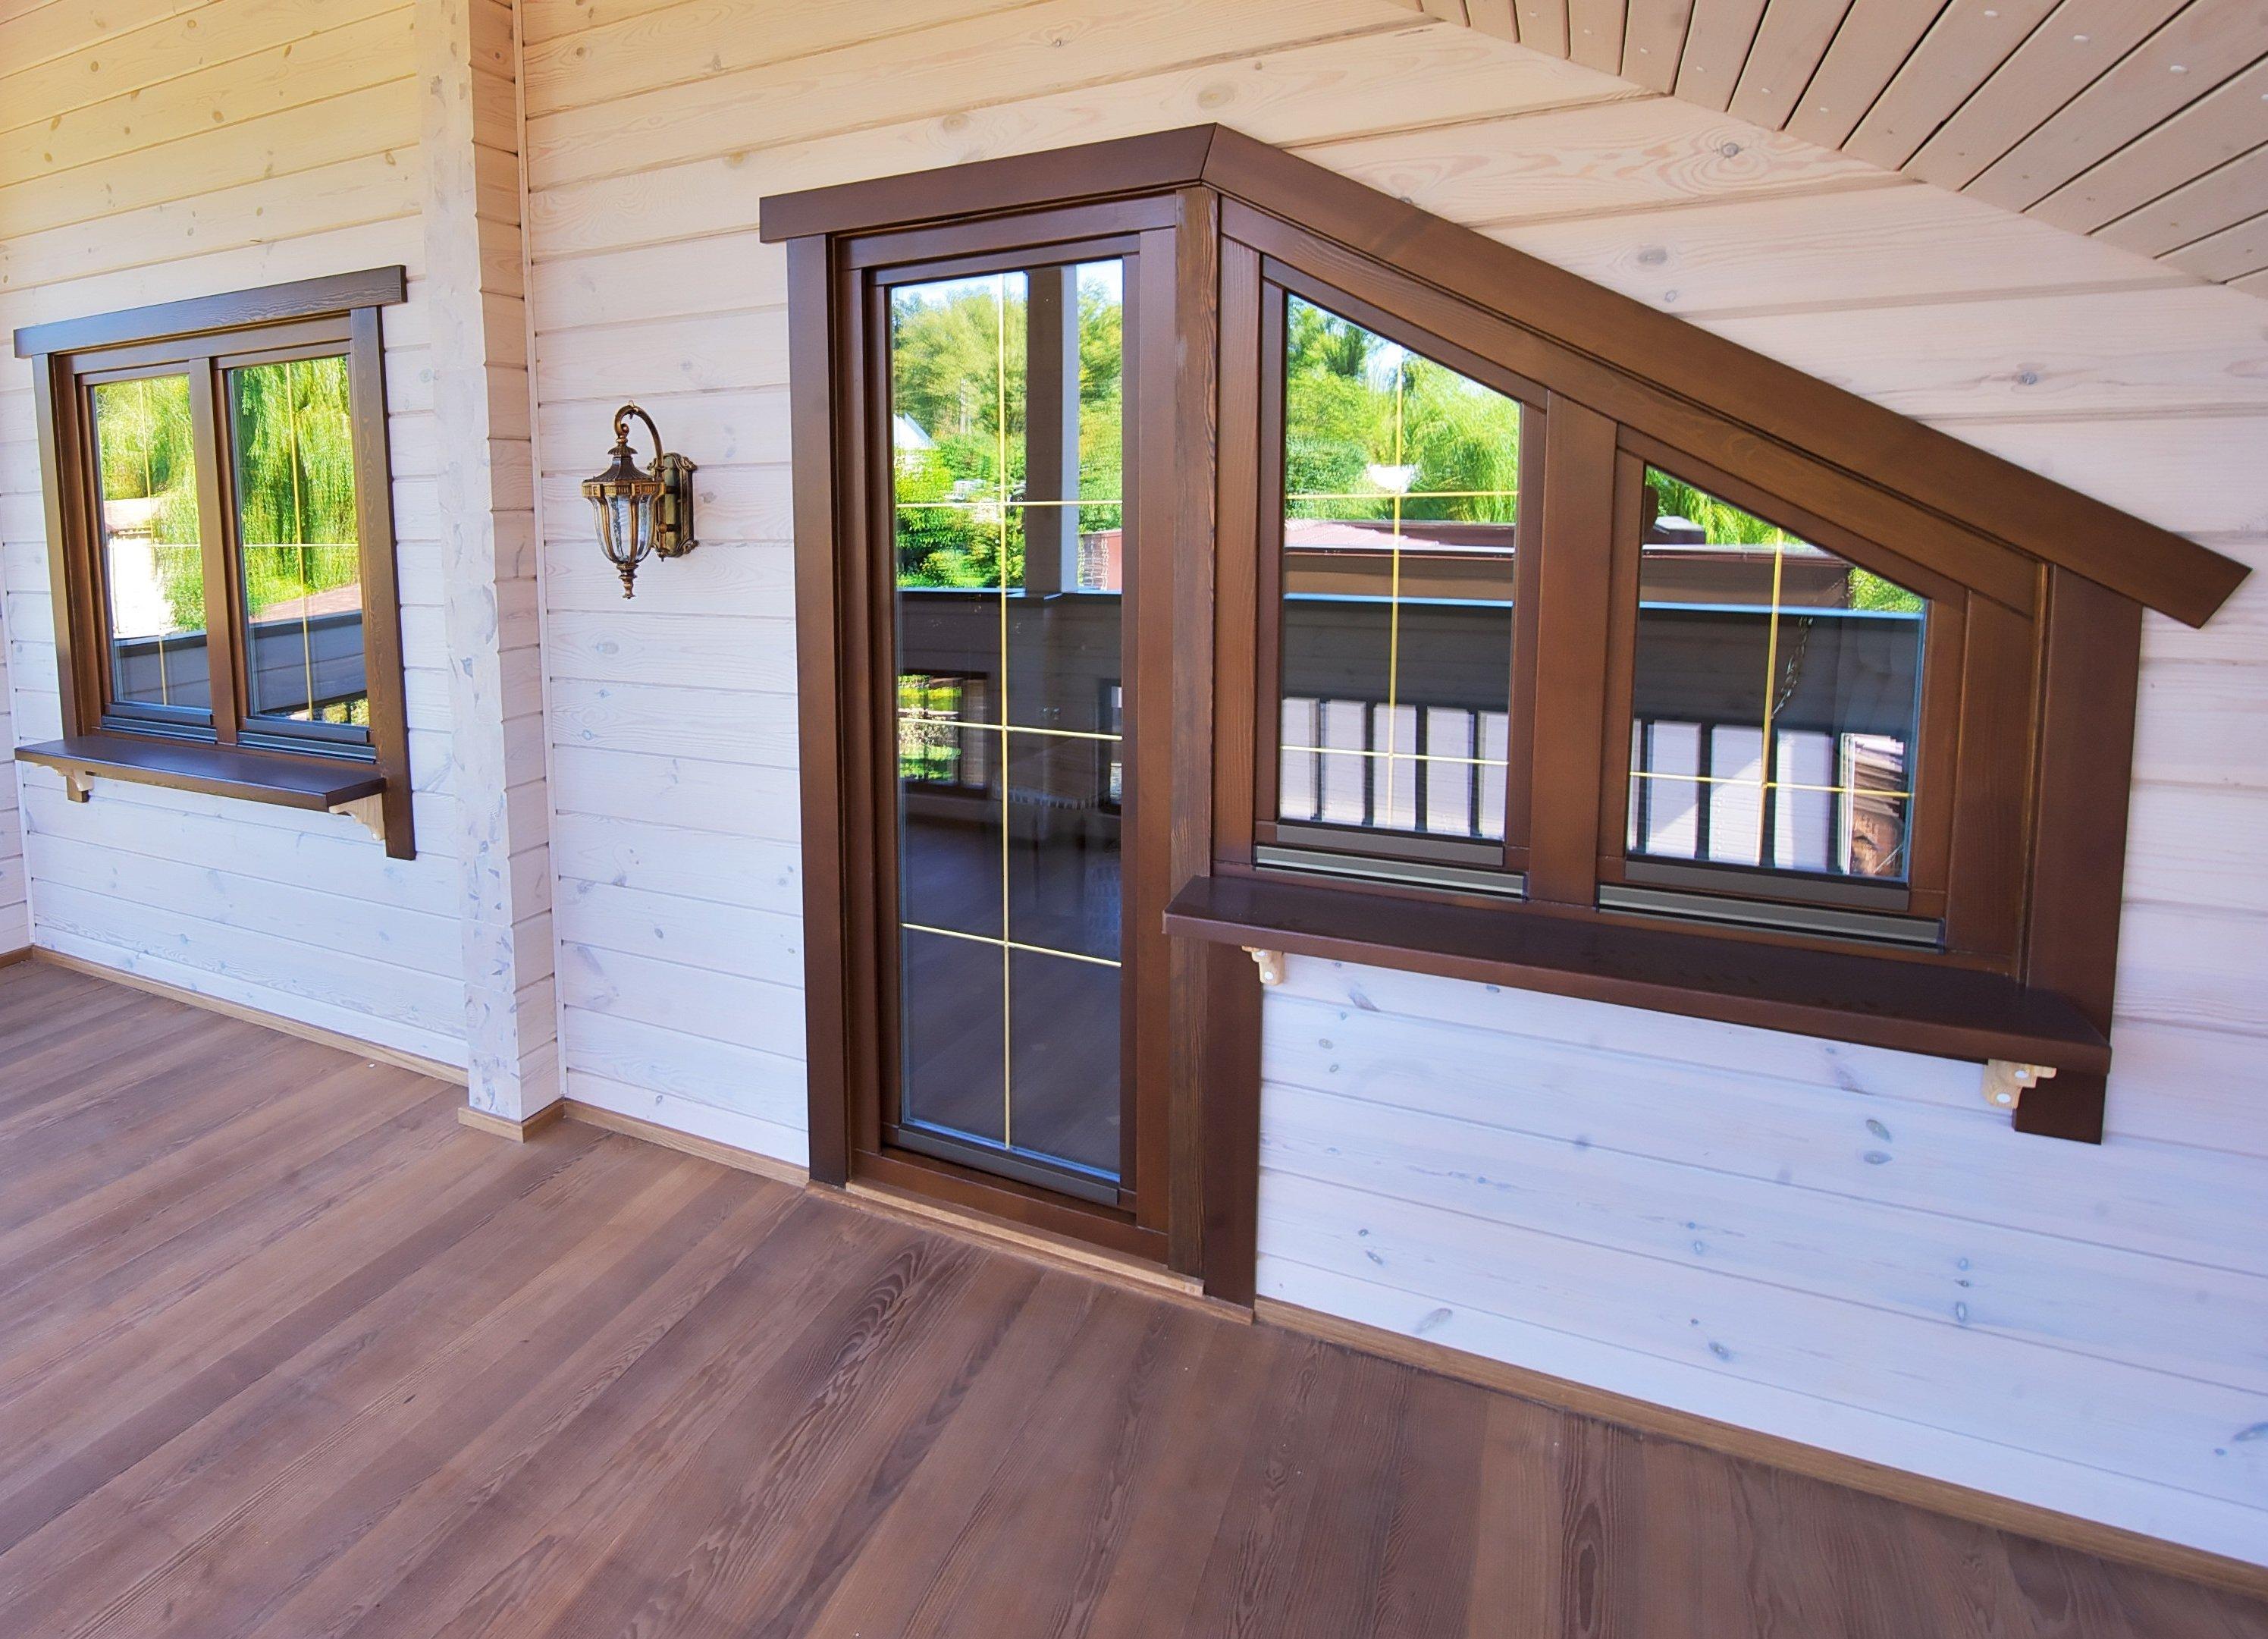 деревянные двери на веранду фото происхождение мешало